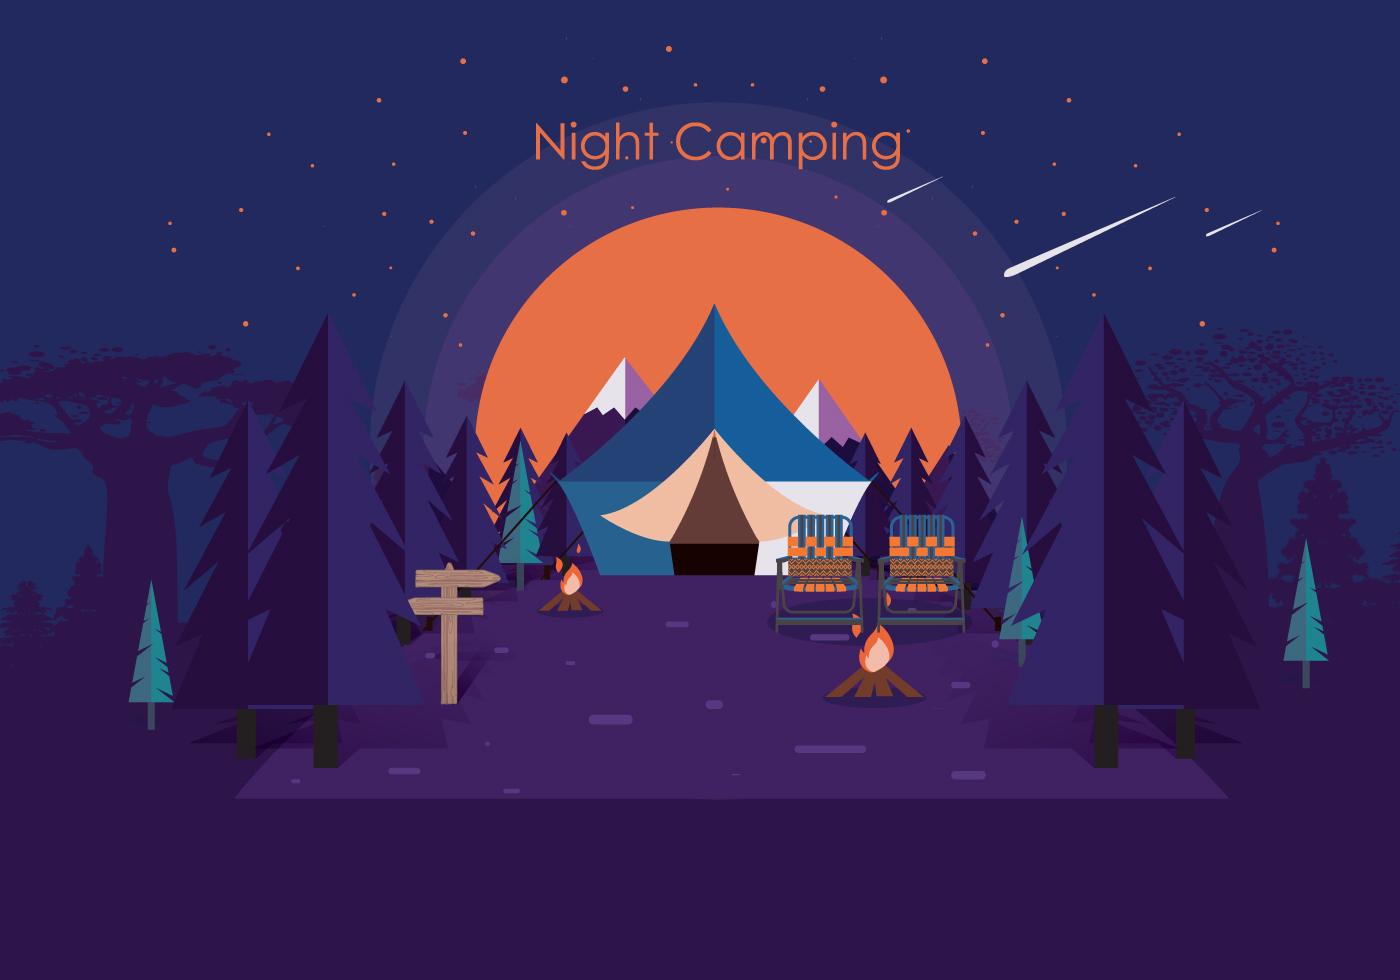 Night Camping Vol 2 Vector - Download Free Vectors ...